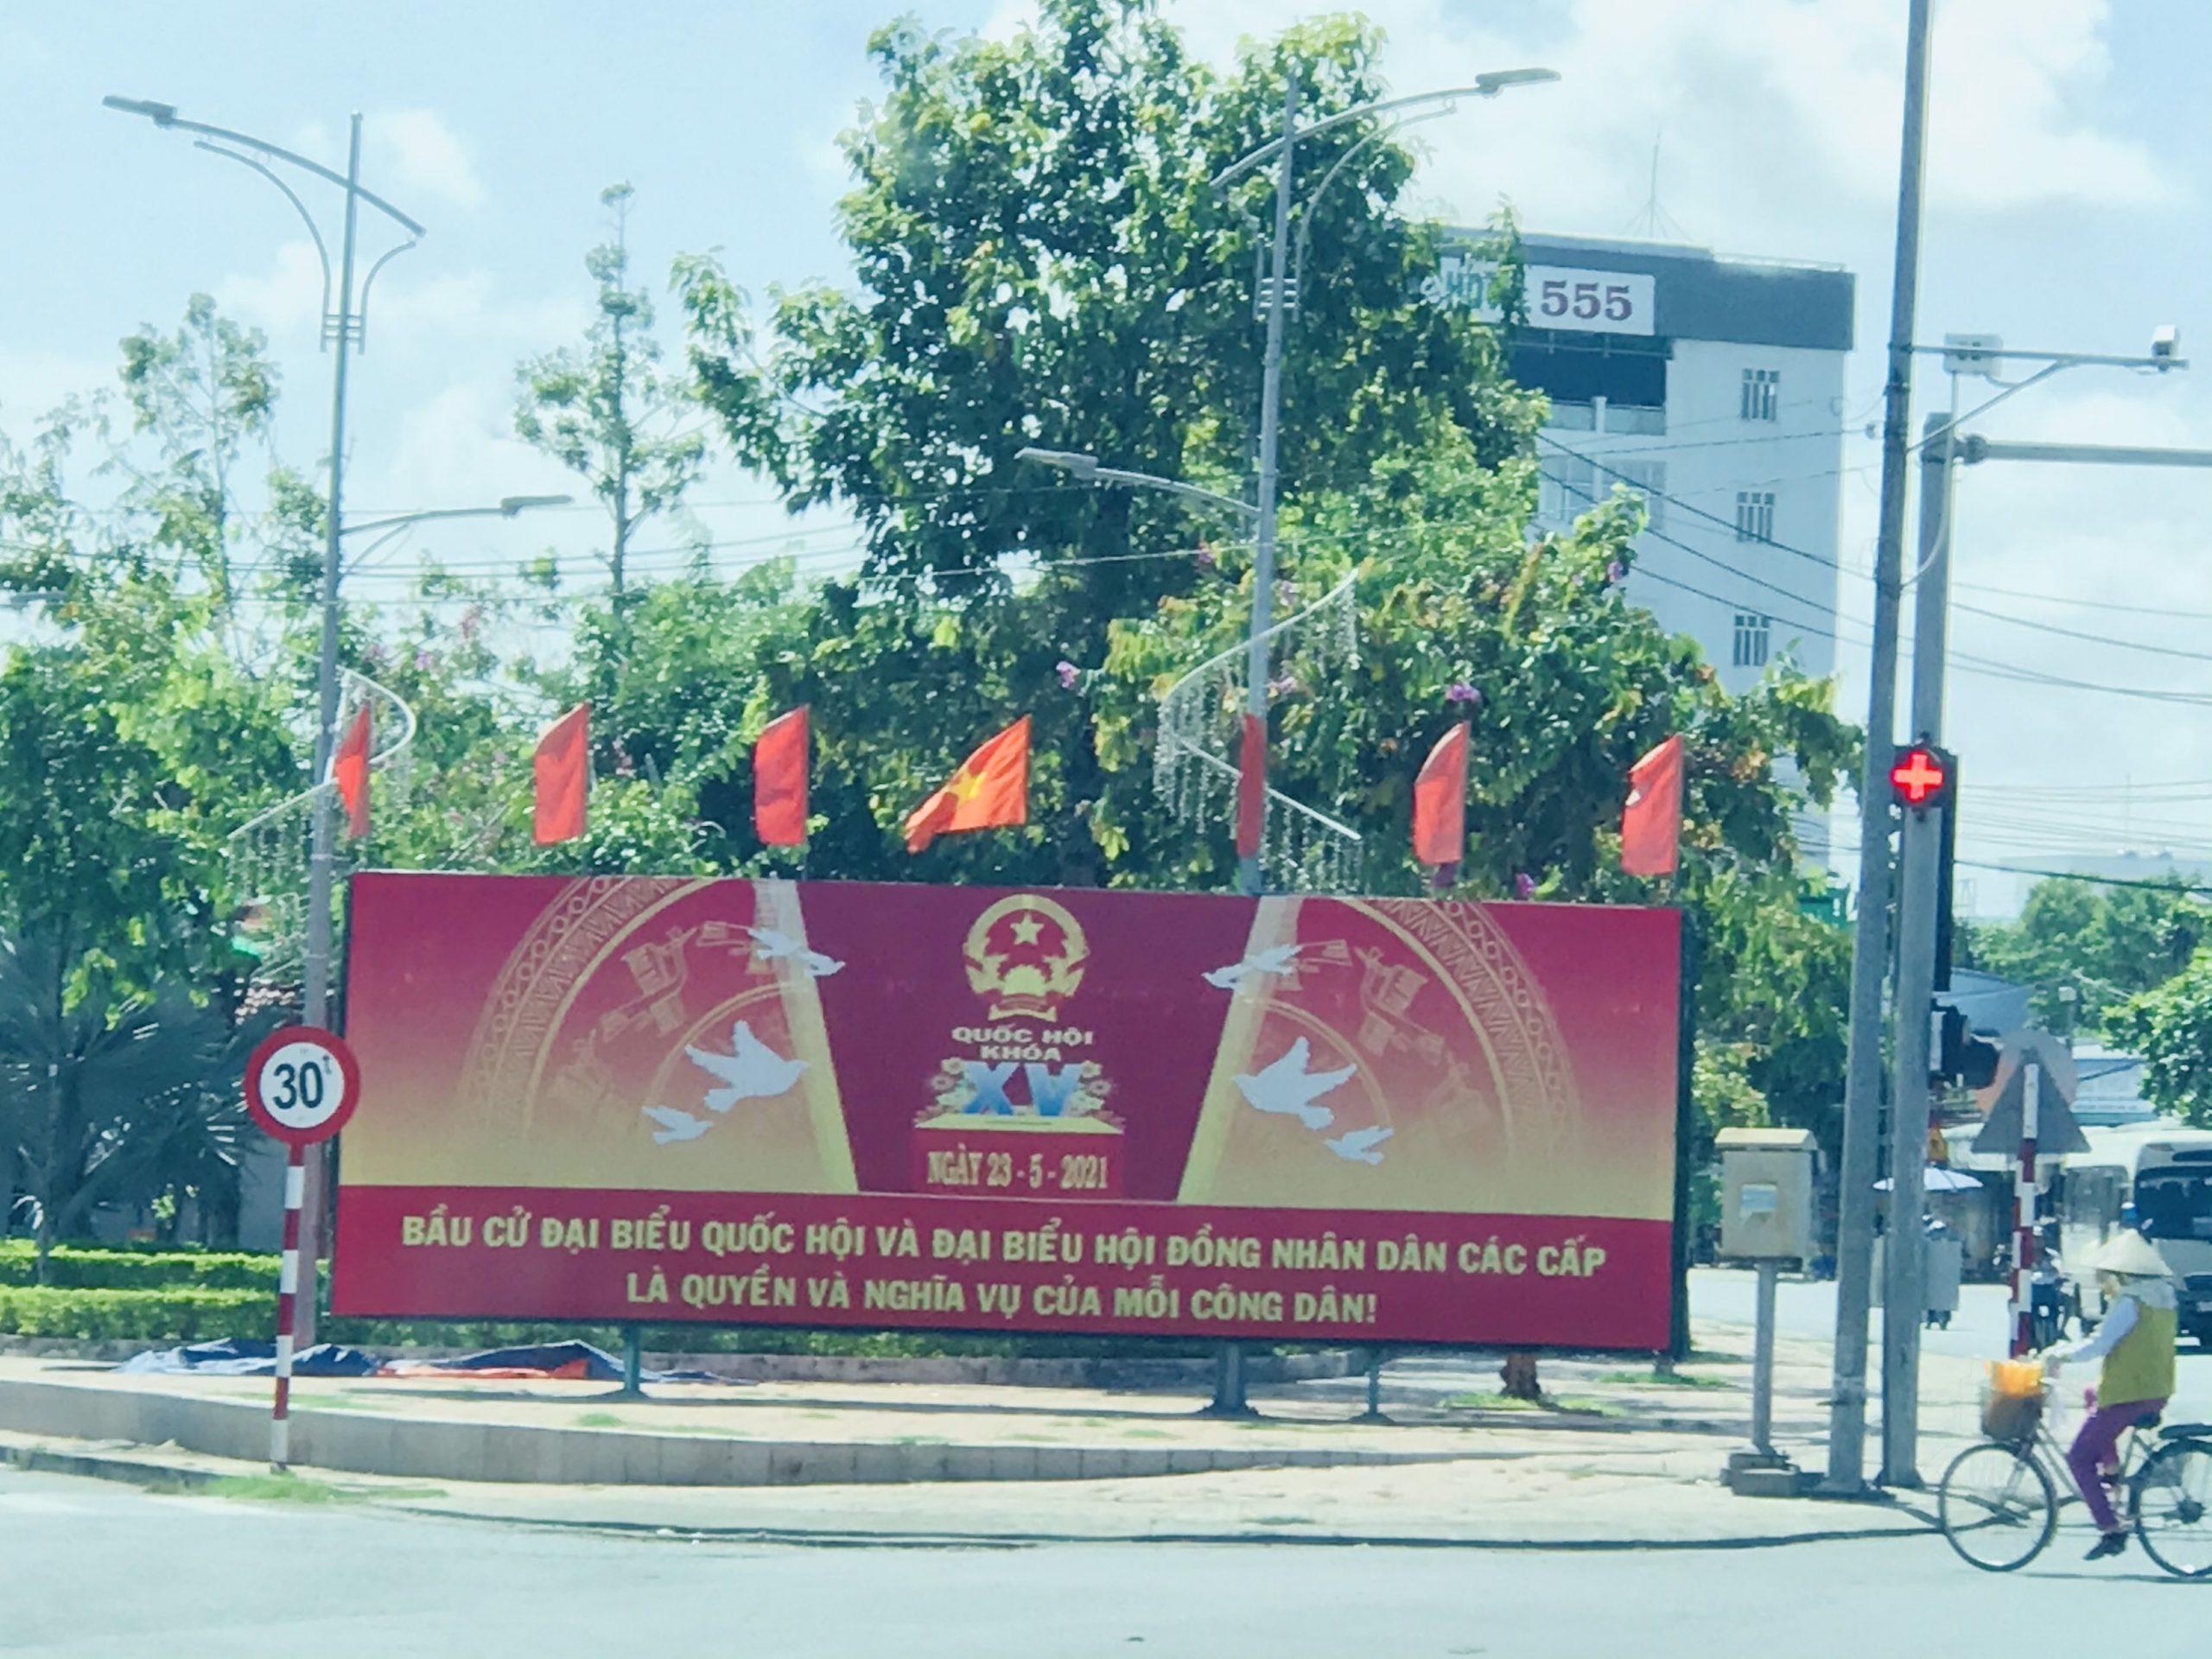 Hội Nông dân quận Ô Môn đẩy mạnh công tác tuyên truyền bầu cử